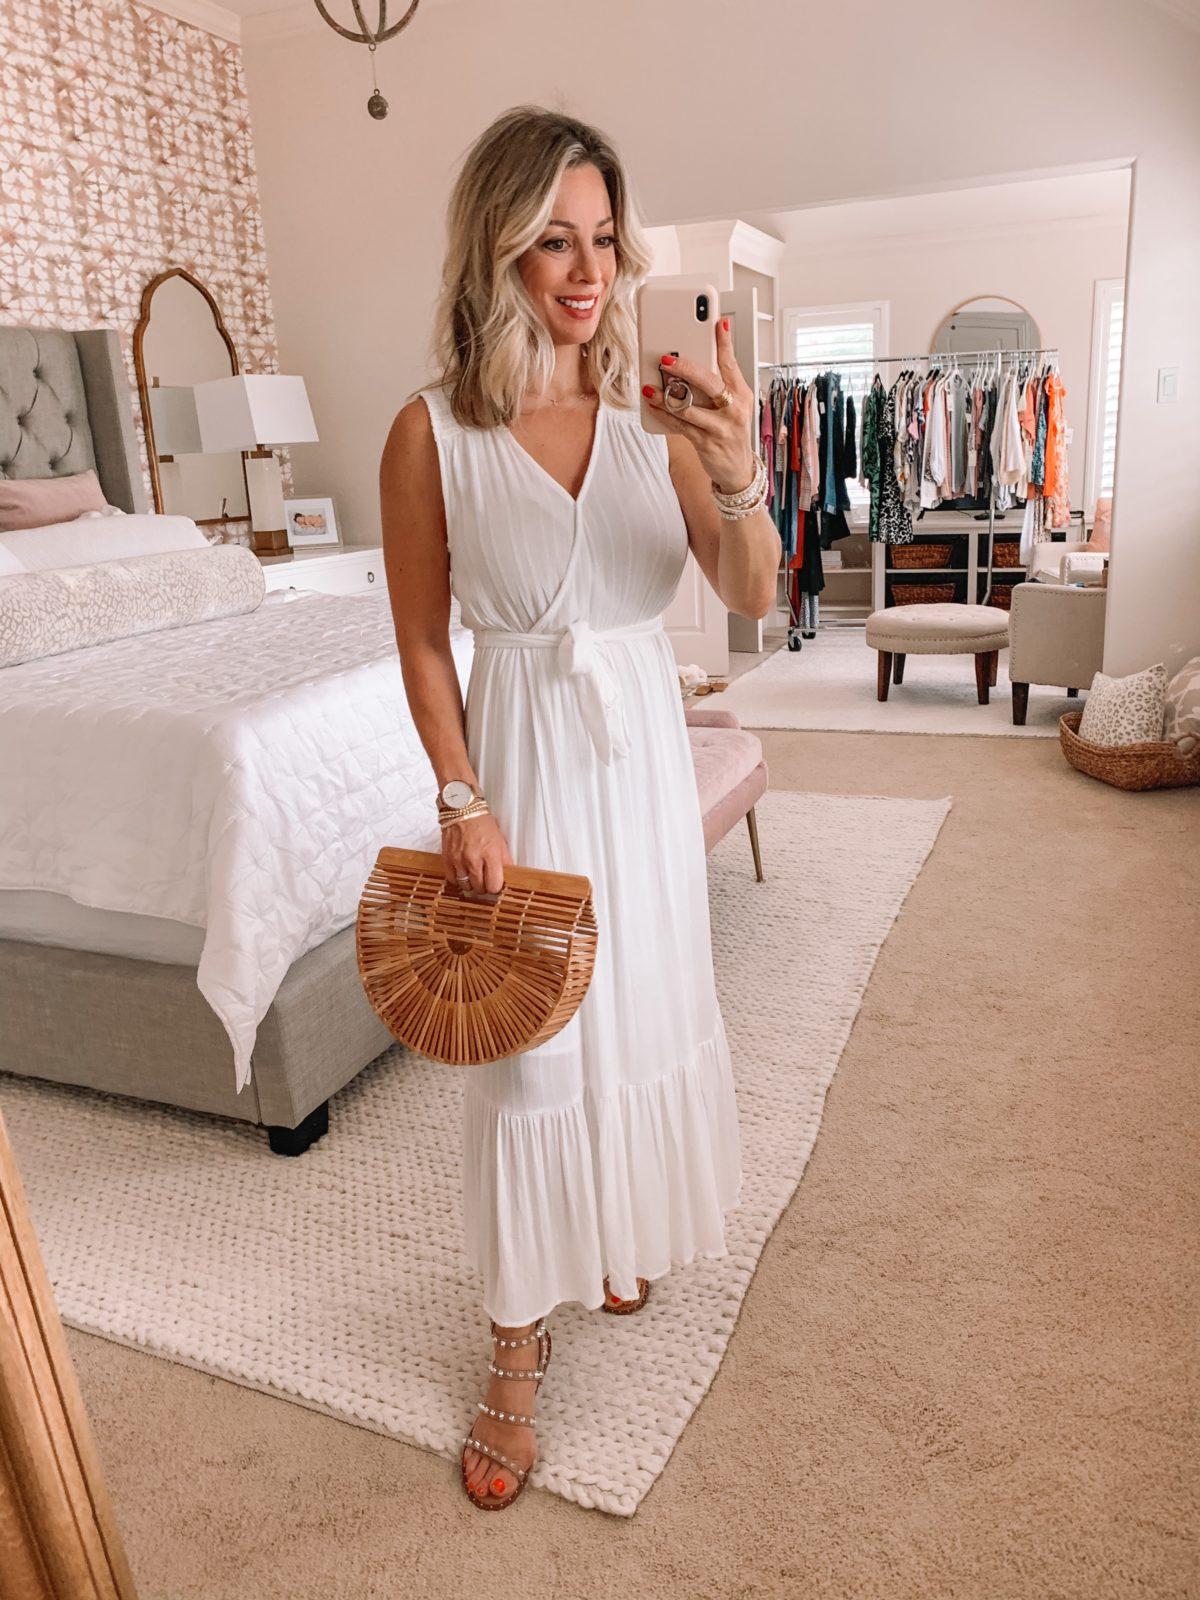 Dressing Room Finds Nordstrom and Target, Studded Sandals, Wood Clutch Bag